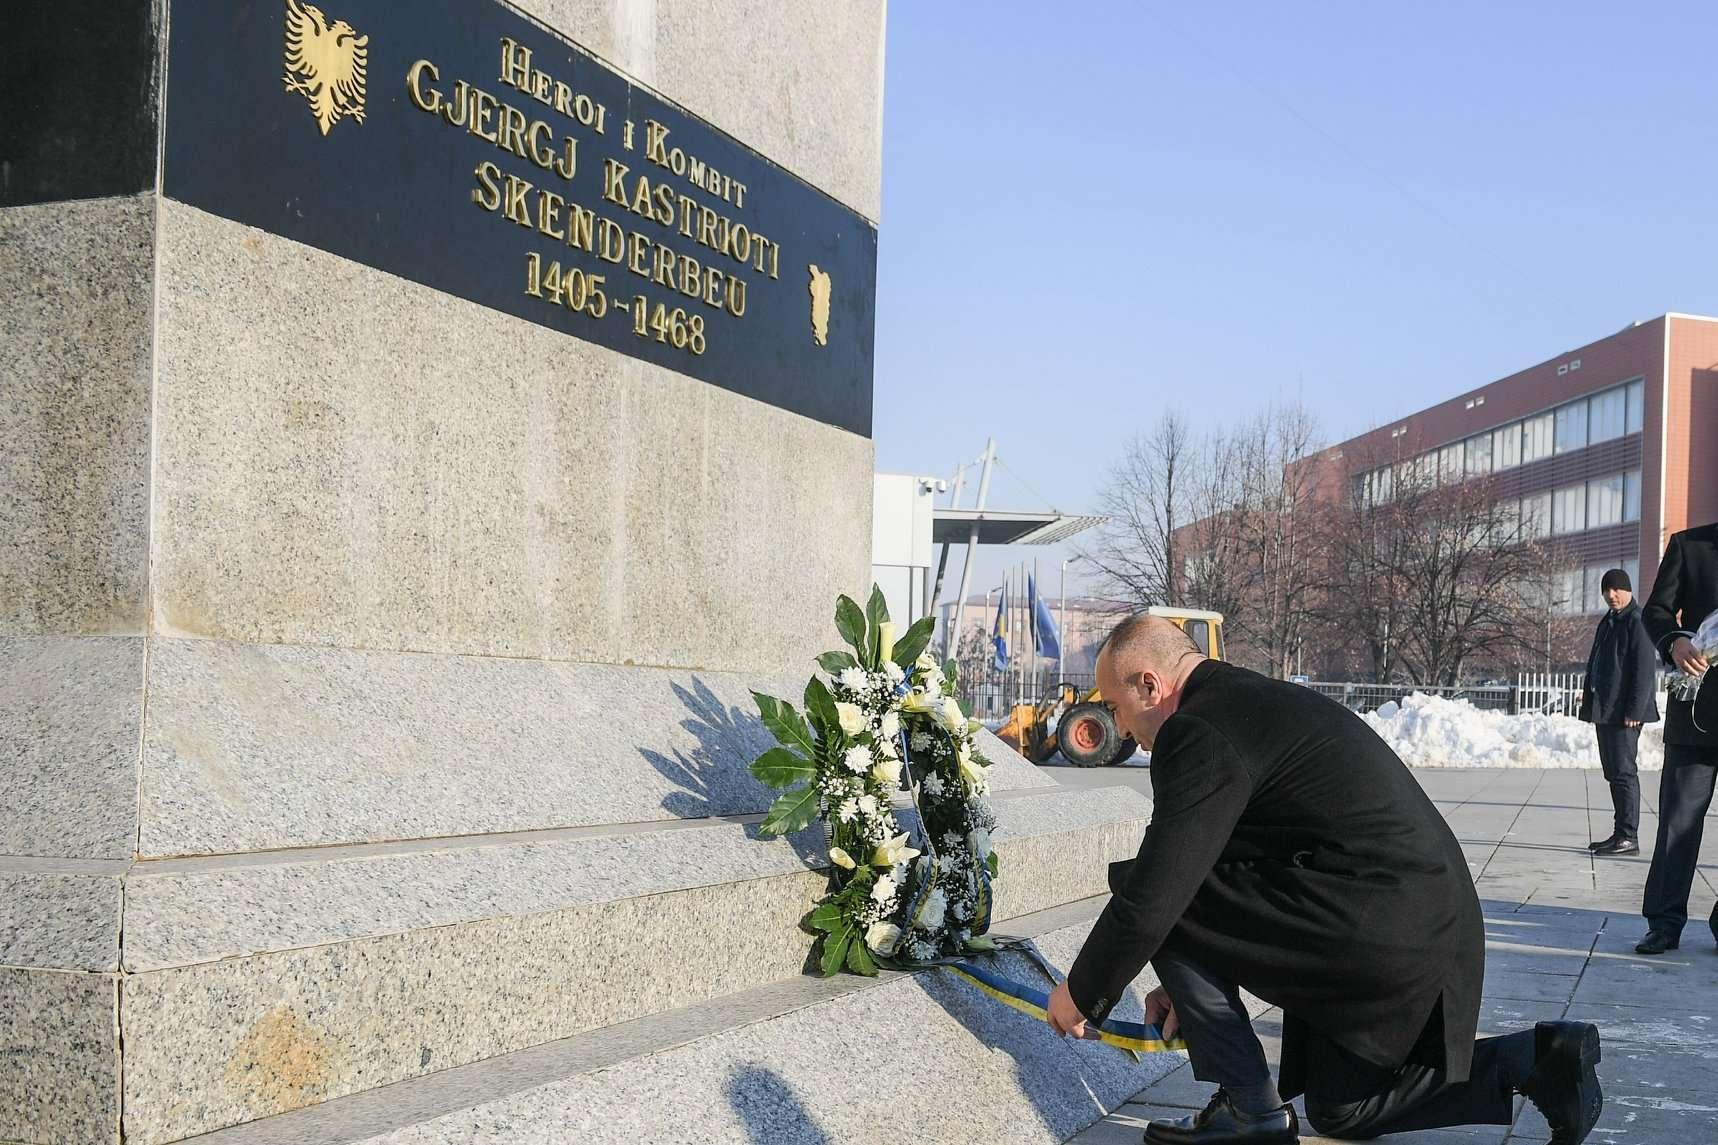 550 vjet nga vdekja e Skënderbeut   Haradinaj nderon Heroin Kombëtar